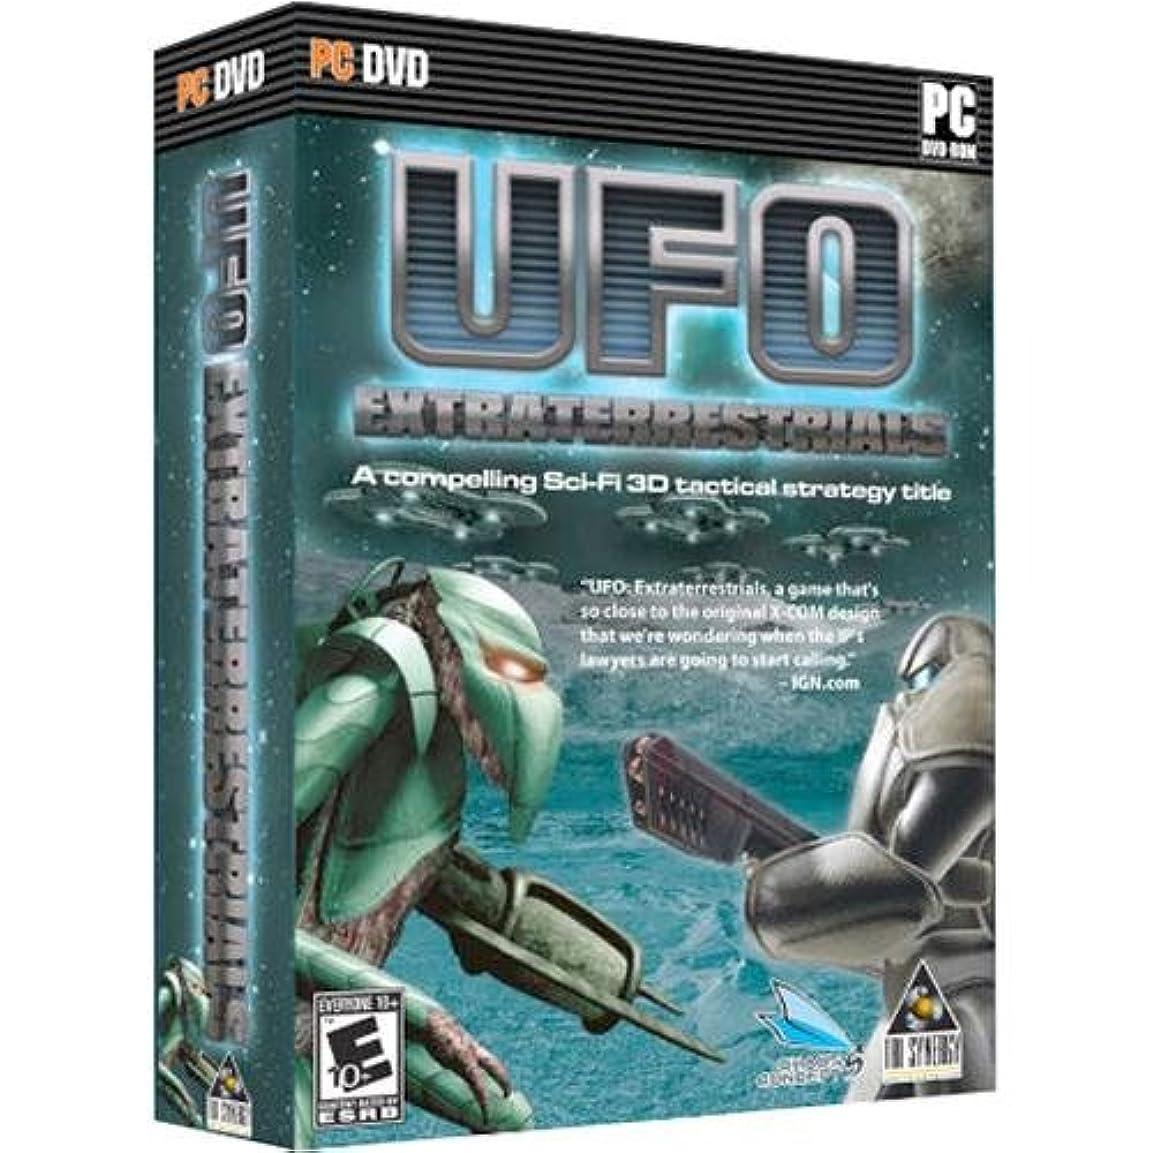 パントリーストレスシネマUFO Extraterrestrials (輸入版)